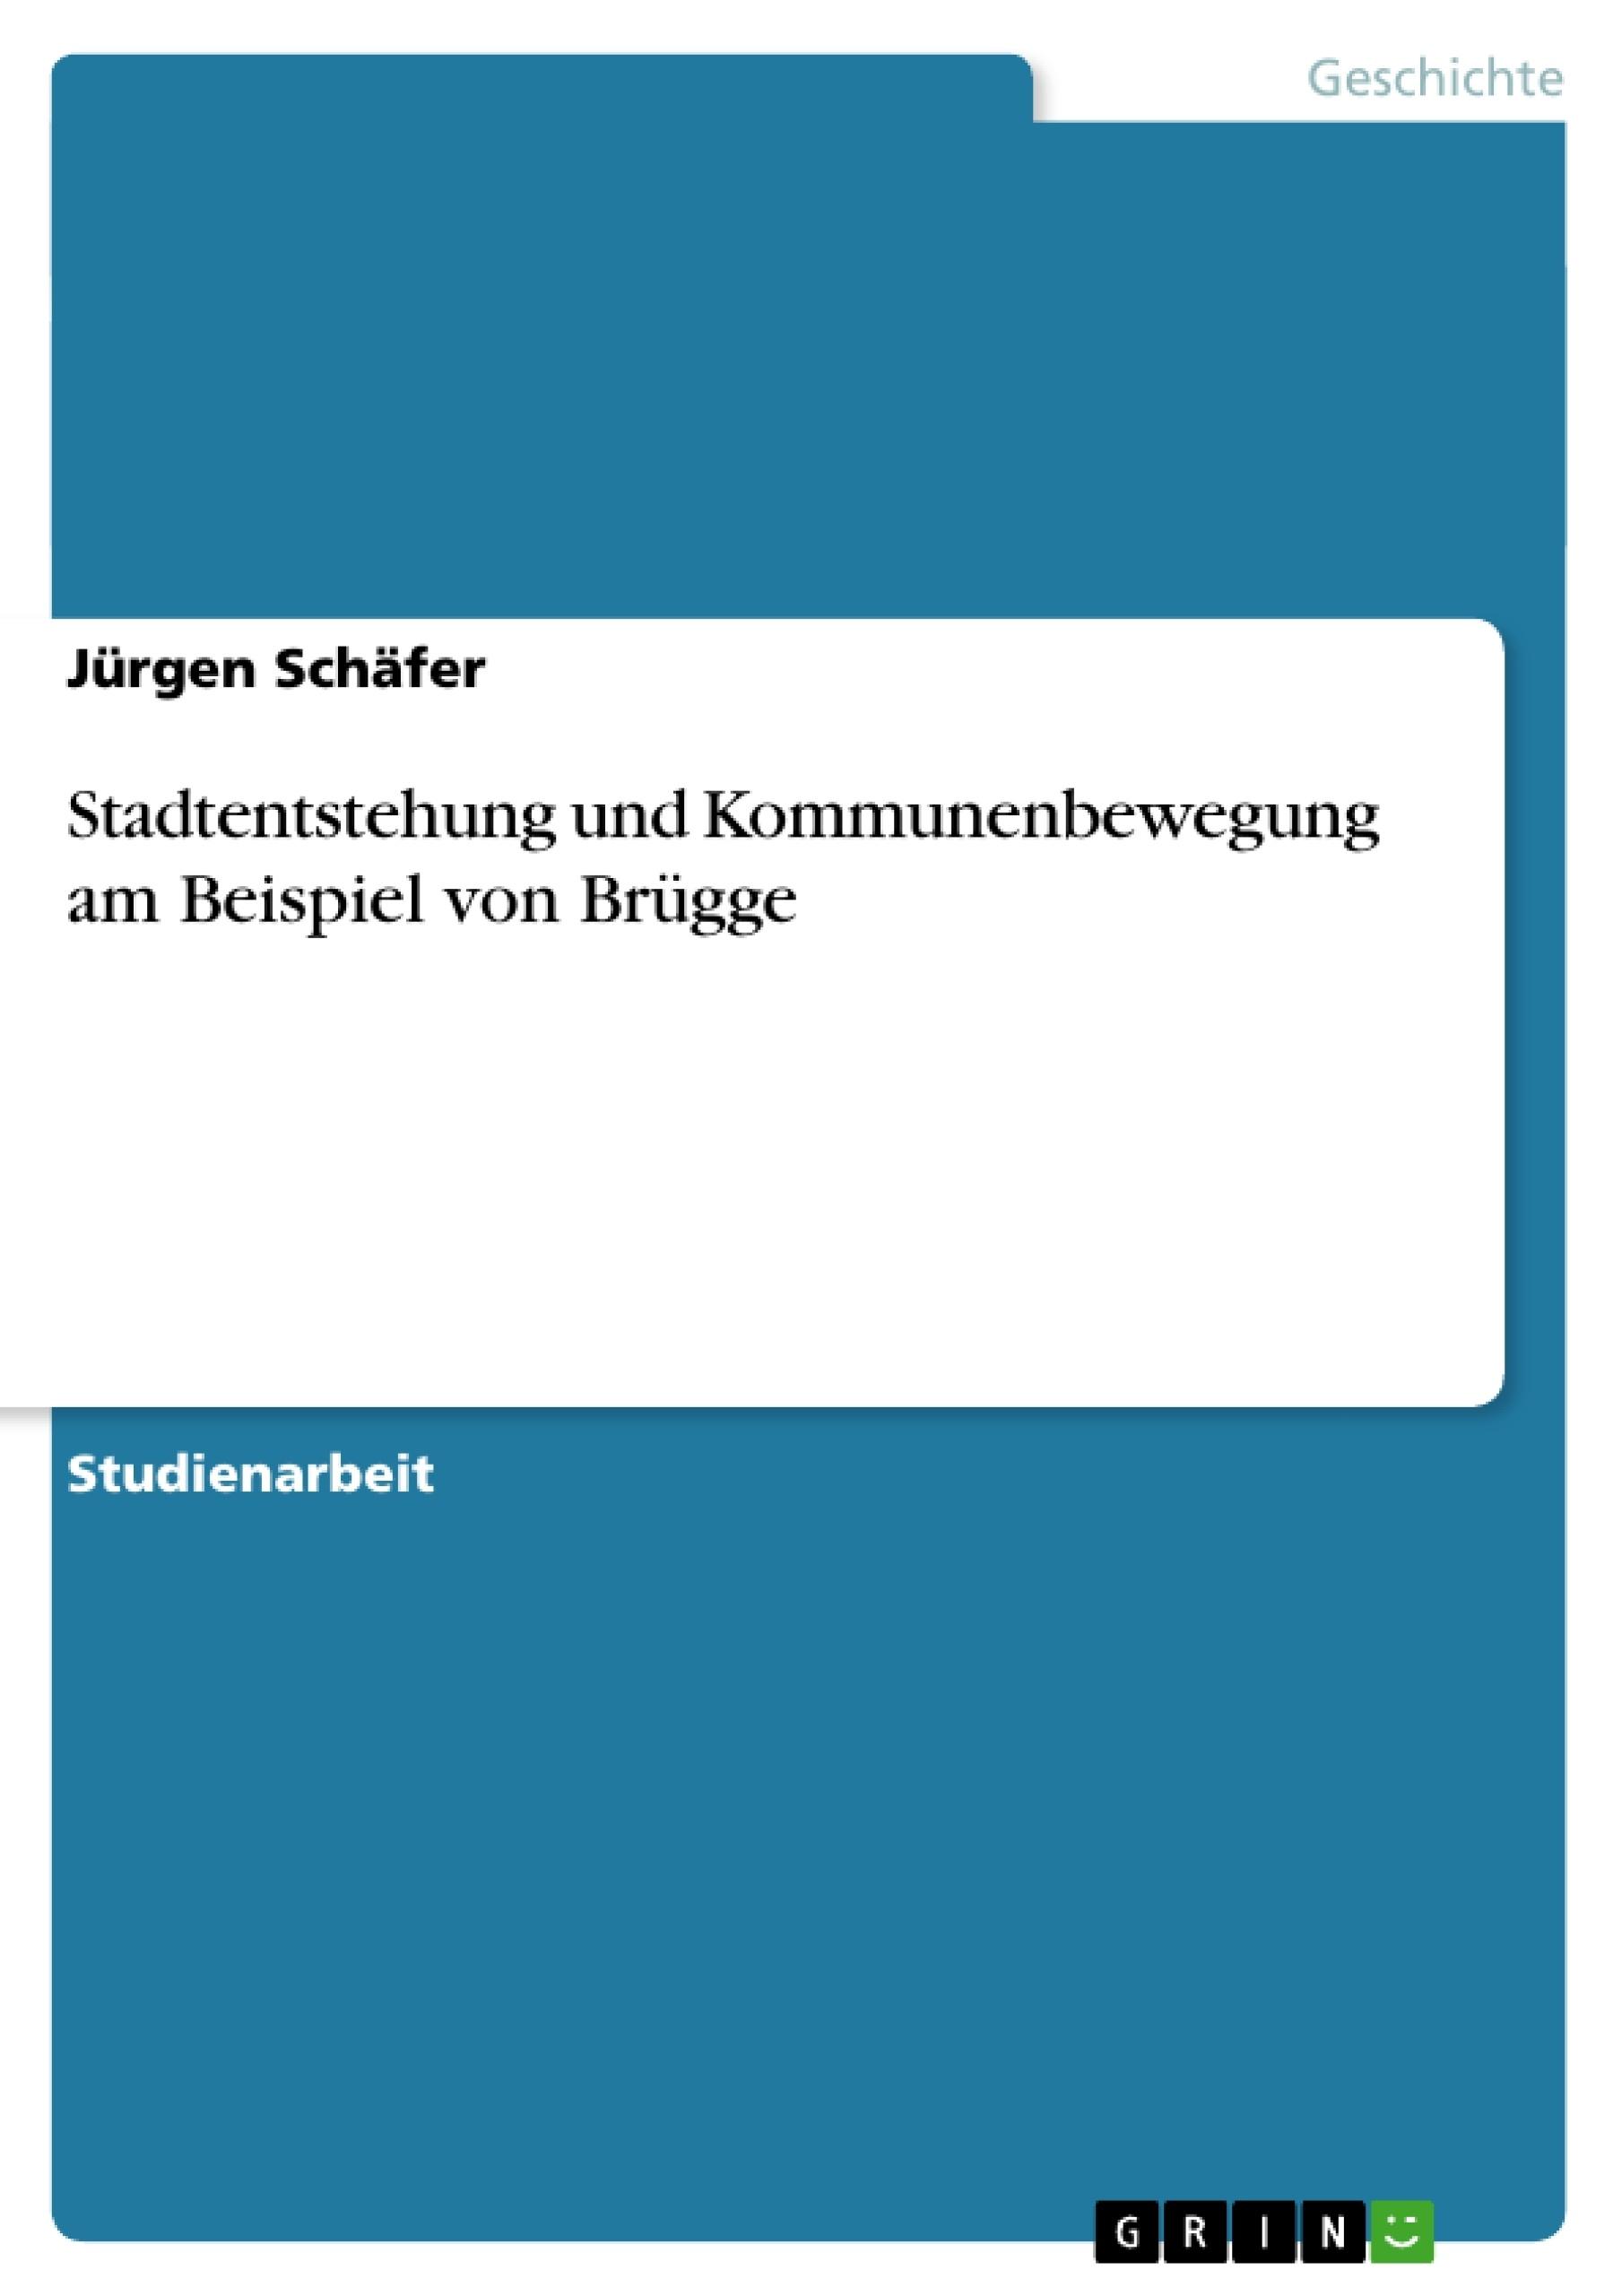 Titel: Stadtentstehung und Kommunenbewegung am Beispiel von Brügge